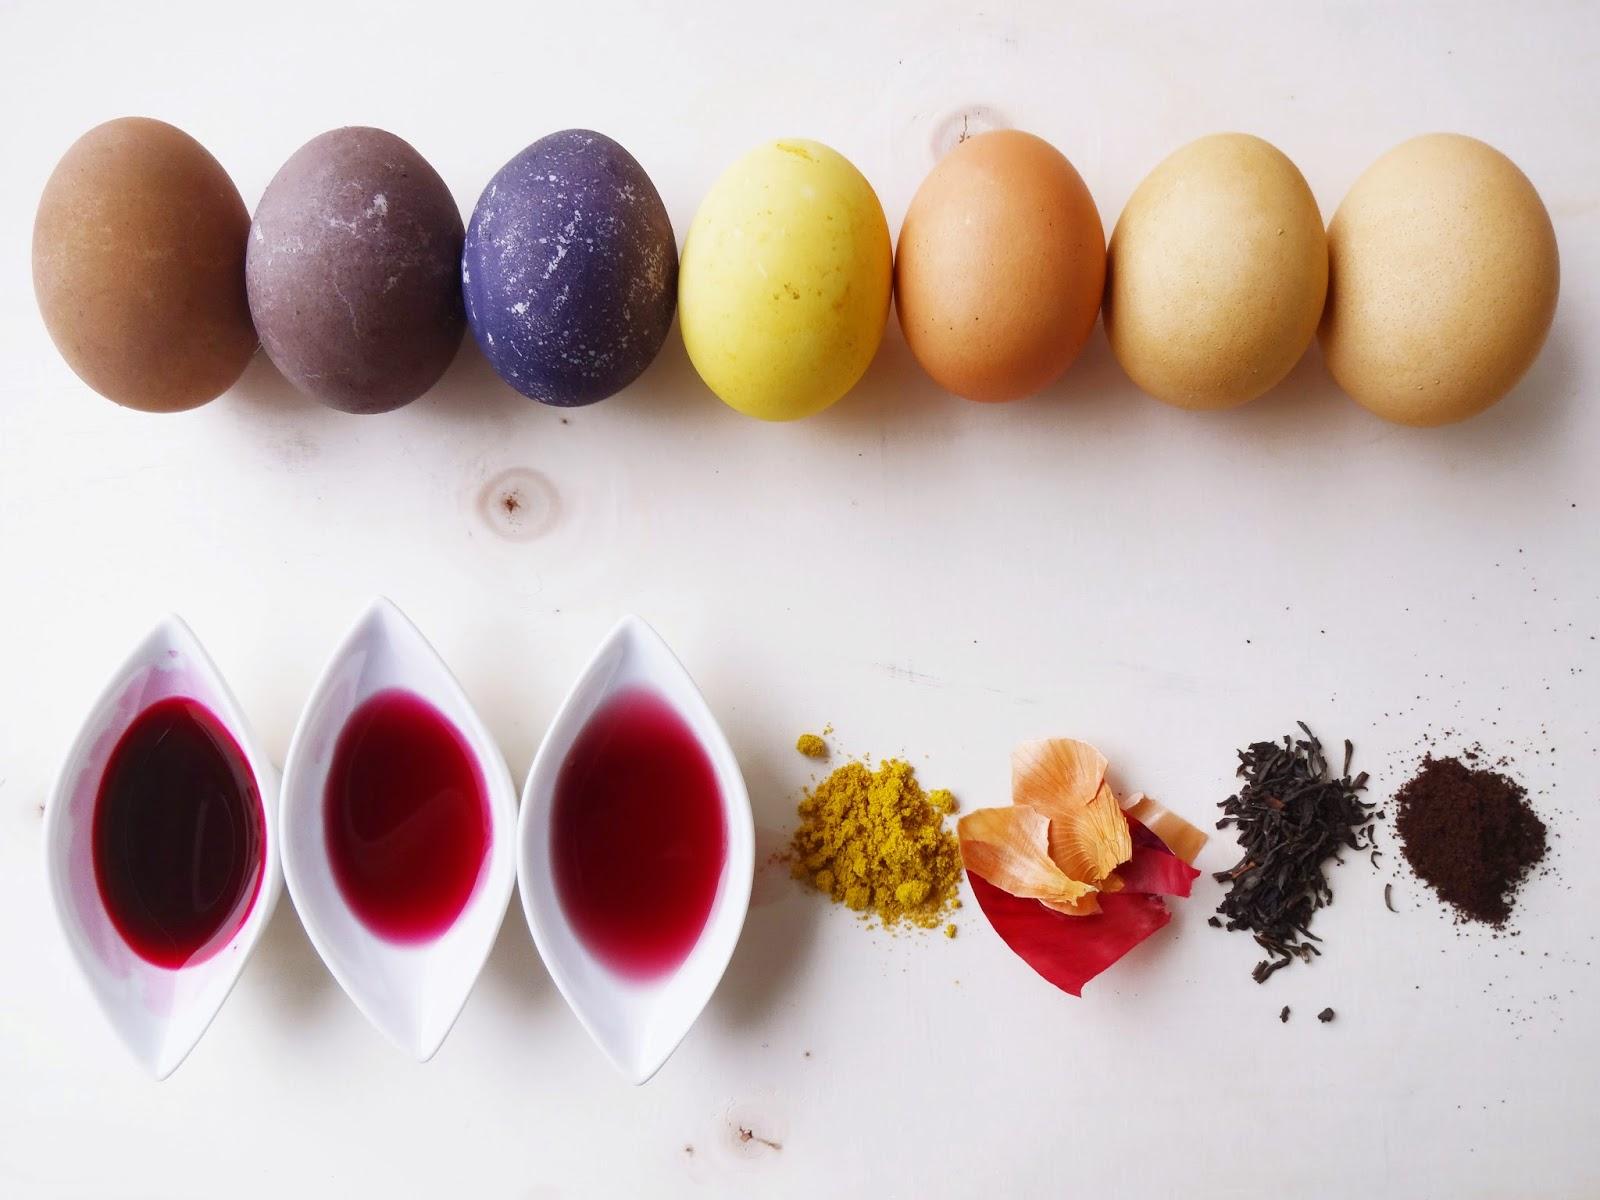 basteln malen kuchen backen eier f rben mit naturfarben. Black Bedroom Furniture Sets. Home Design Ideas